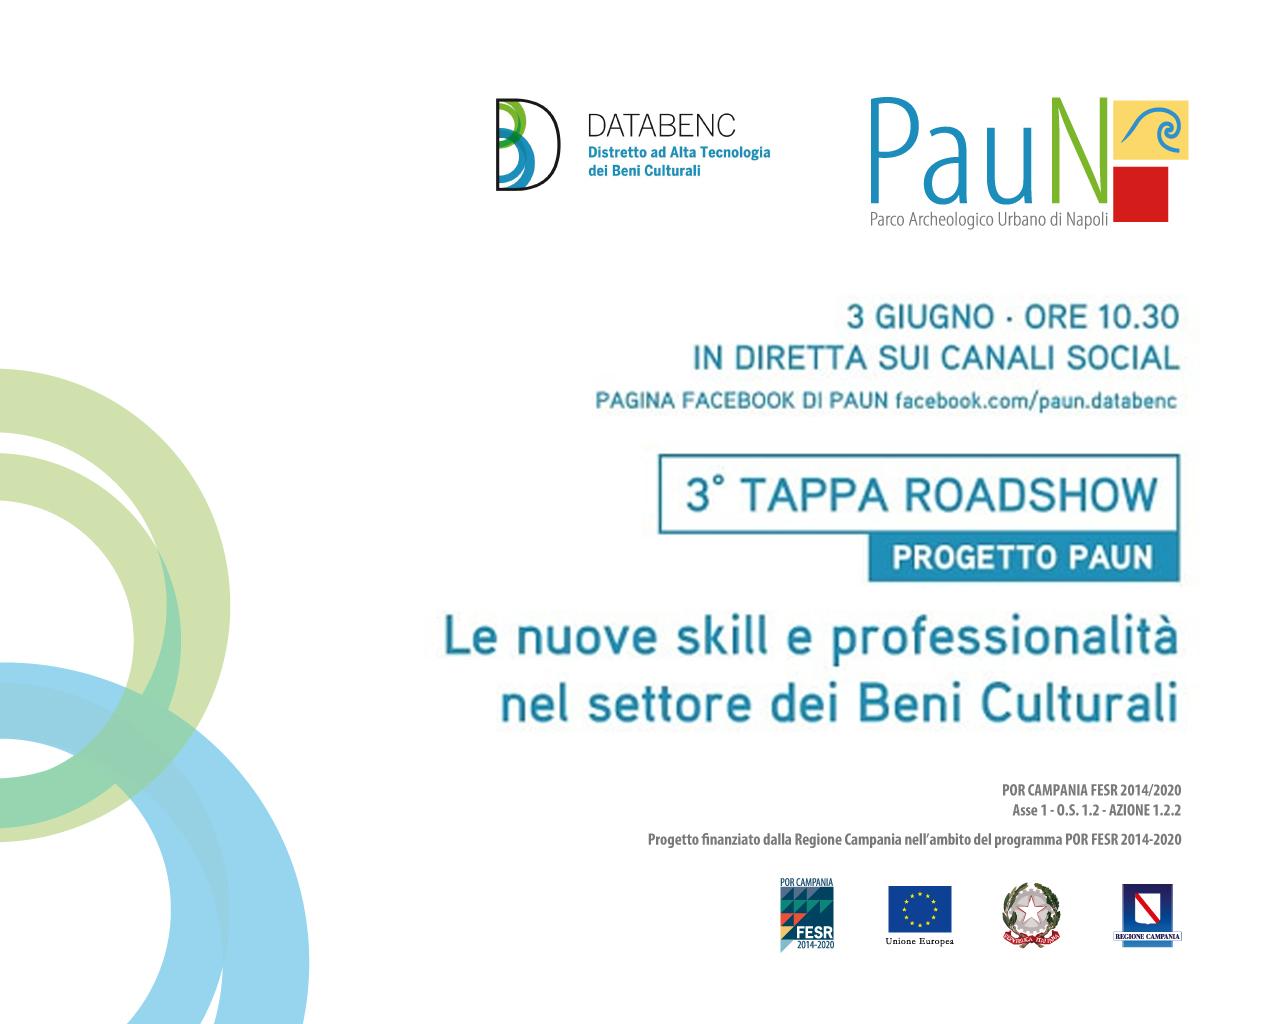 Le nuove skill e professionalità nel settore dei beni culturali. Giovedì 3 giugno terza tappa del roadshow del progetto PAUN